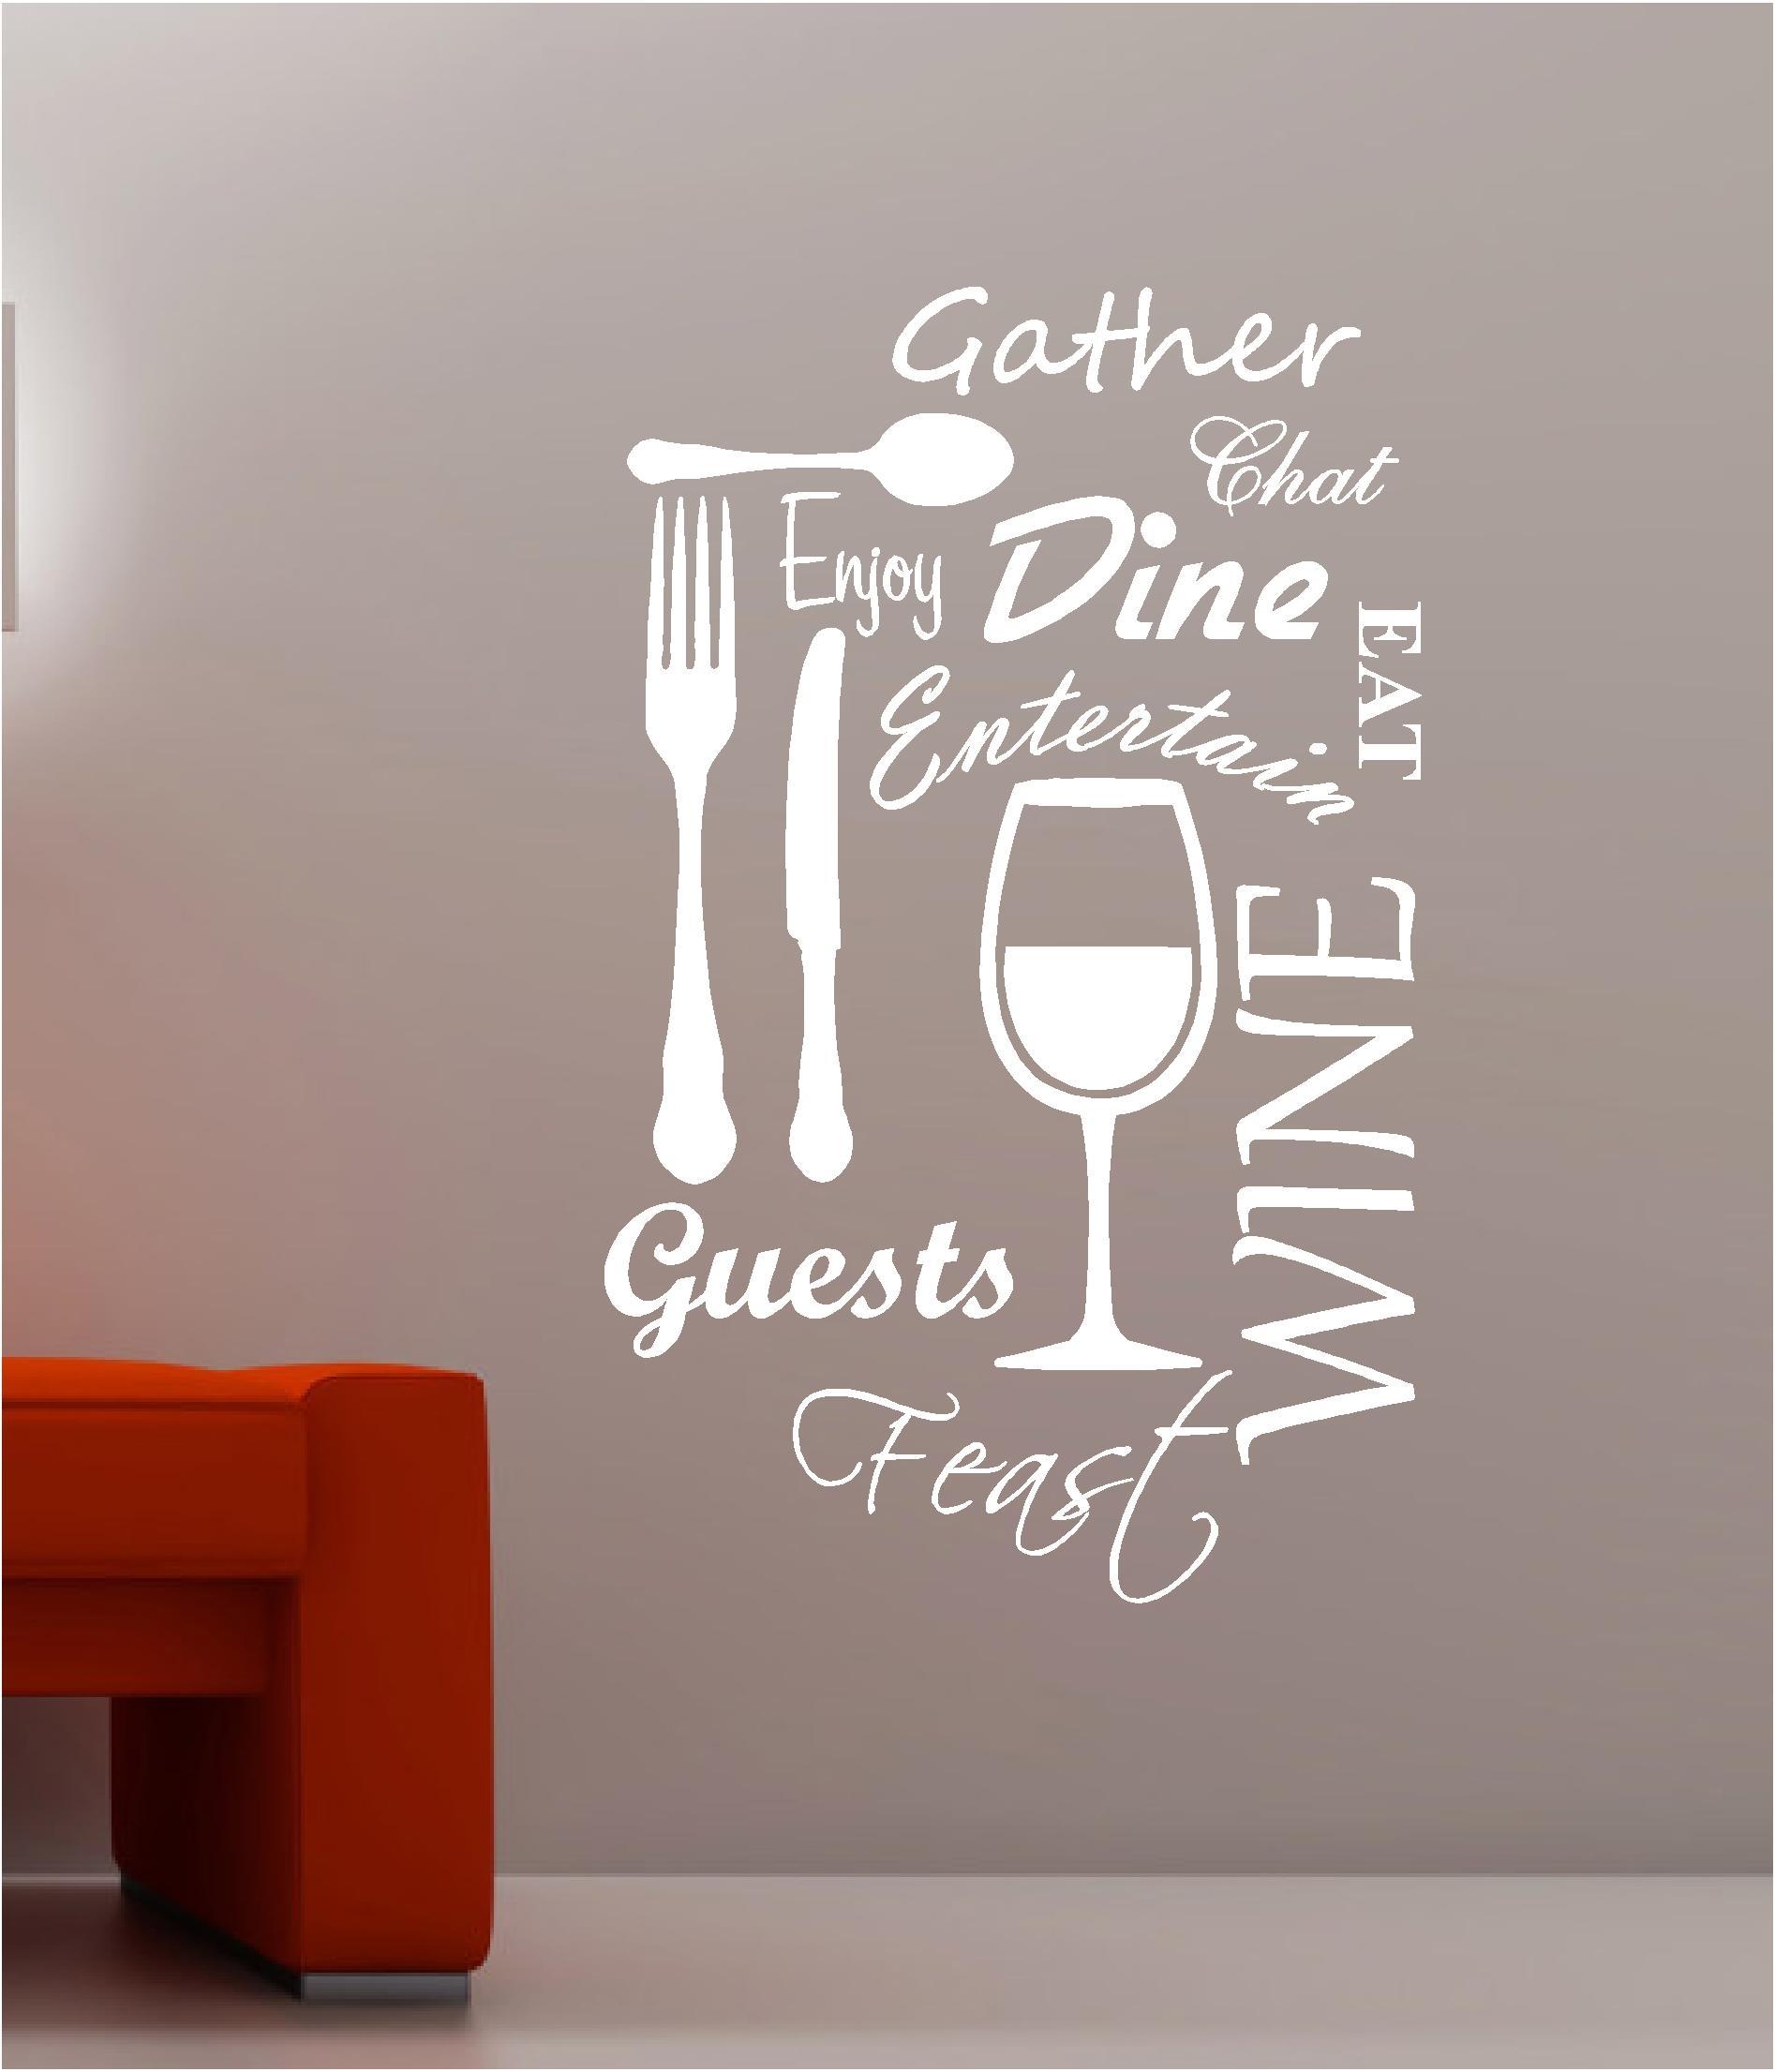 Kitchen Wall Art For A More Fresh Kitchen Decor » Inoutinterior with regard to Kitchen Wall Art